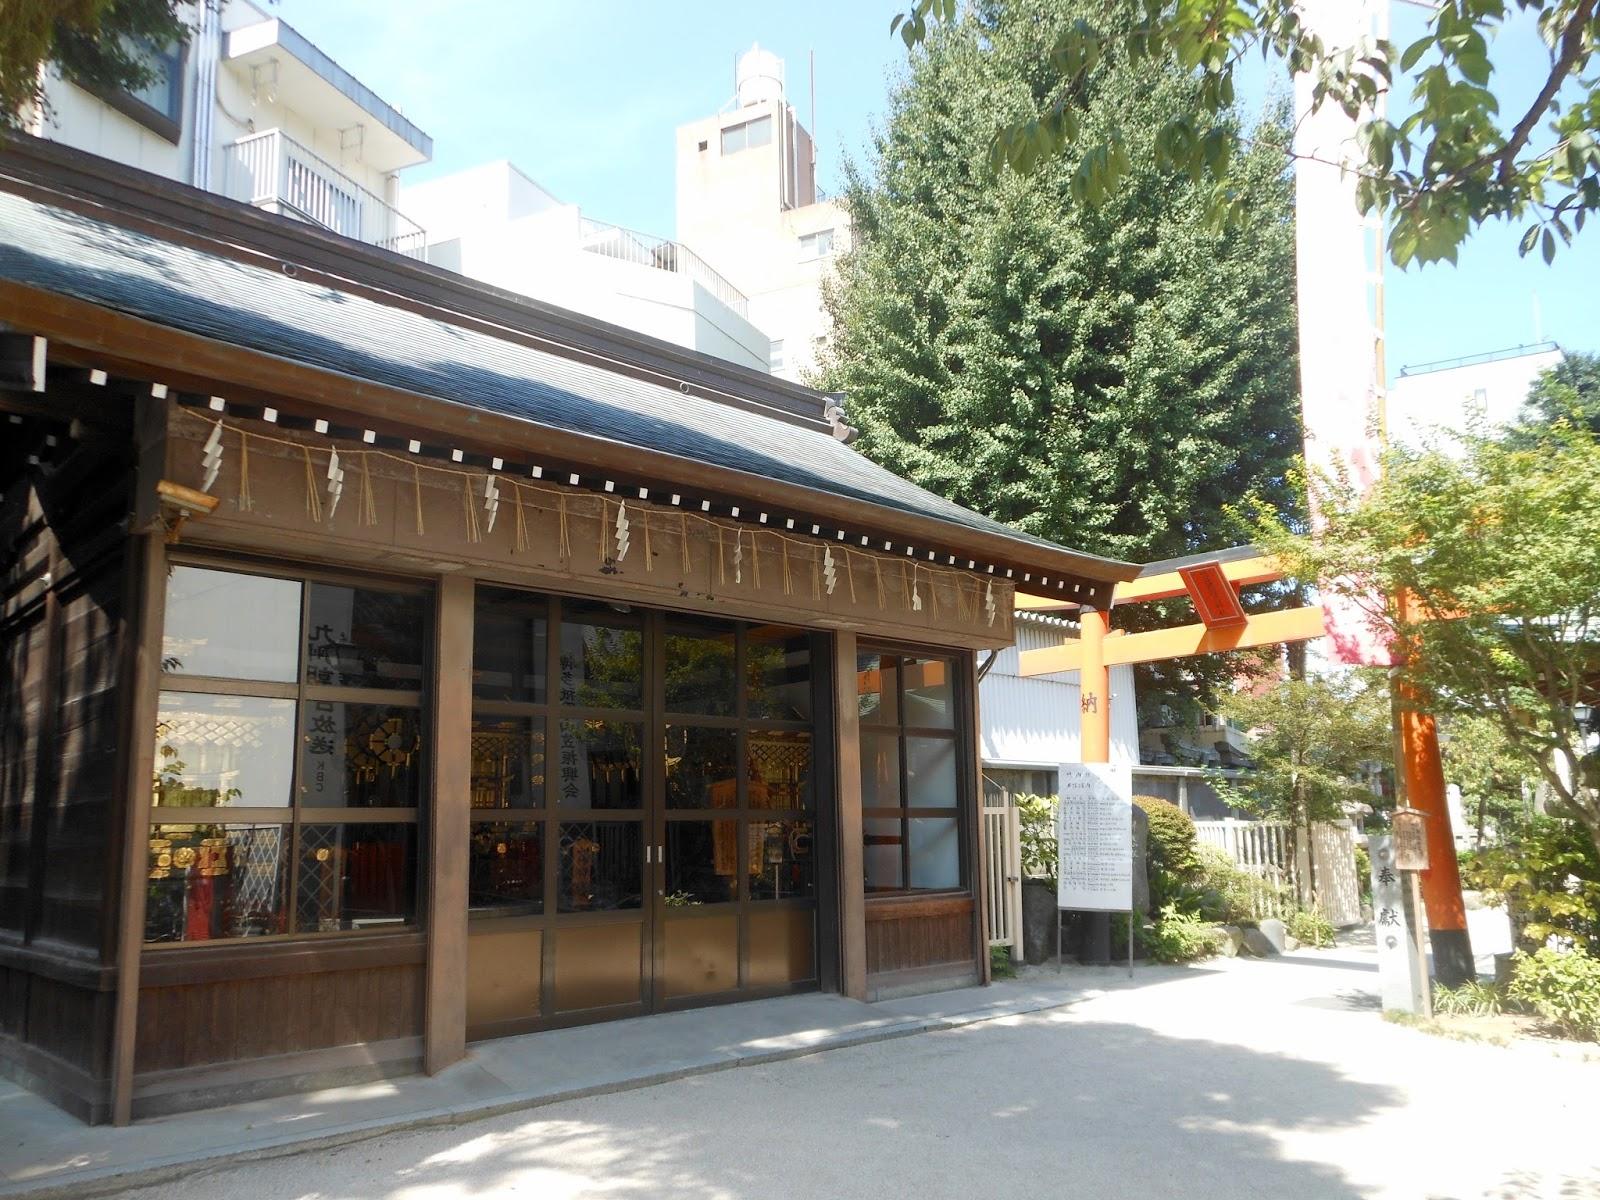 Hokkaido Kudasai: Fukuoka - Kushida Shrine and Asian Art Museum